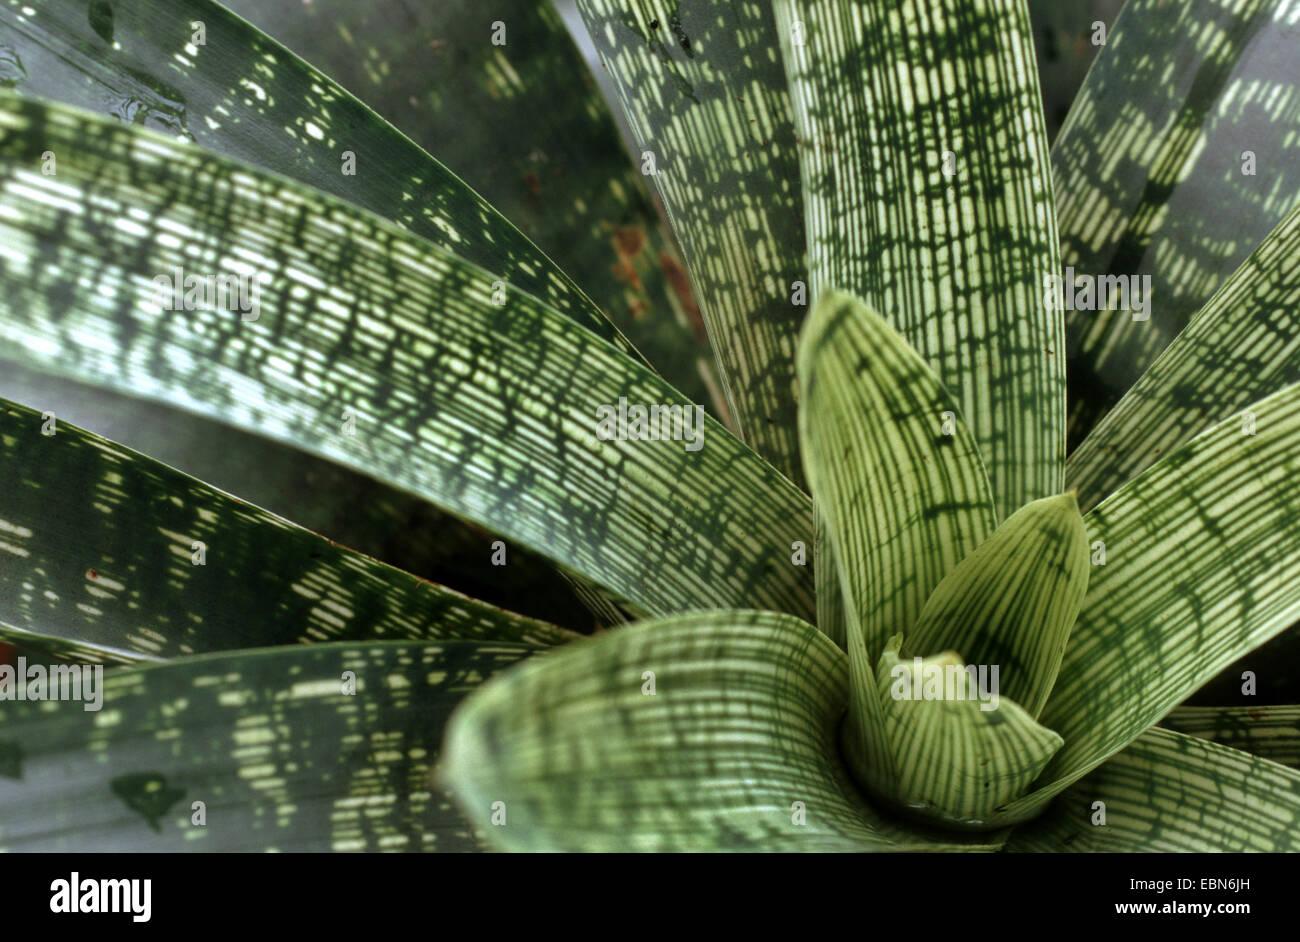 Vriesea (Vriesea fenestralis), leaf rosette - Stock Image